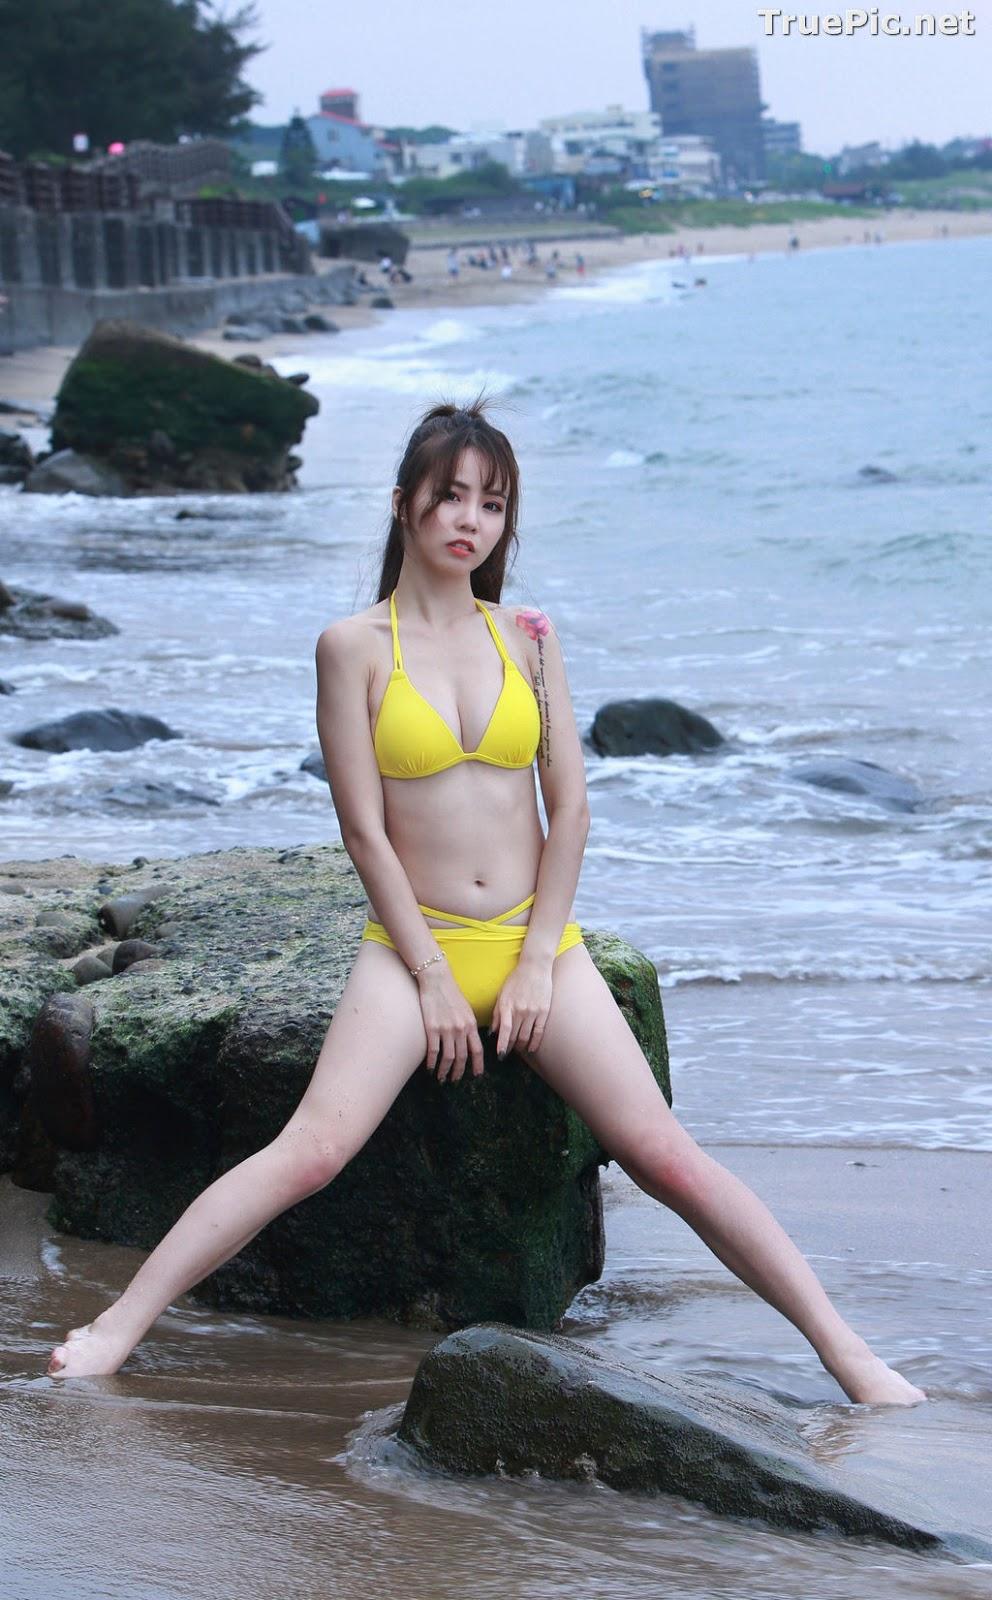 Image Taiwanese Beautiful Model - Debby Chiu - Yellow Sexy Bikini - TruePic.net - Picture-4